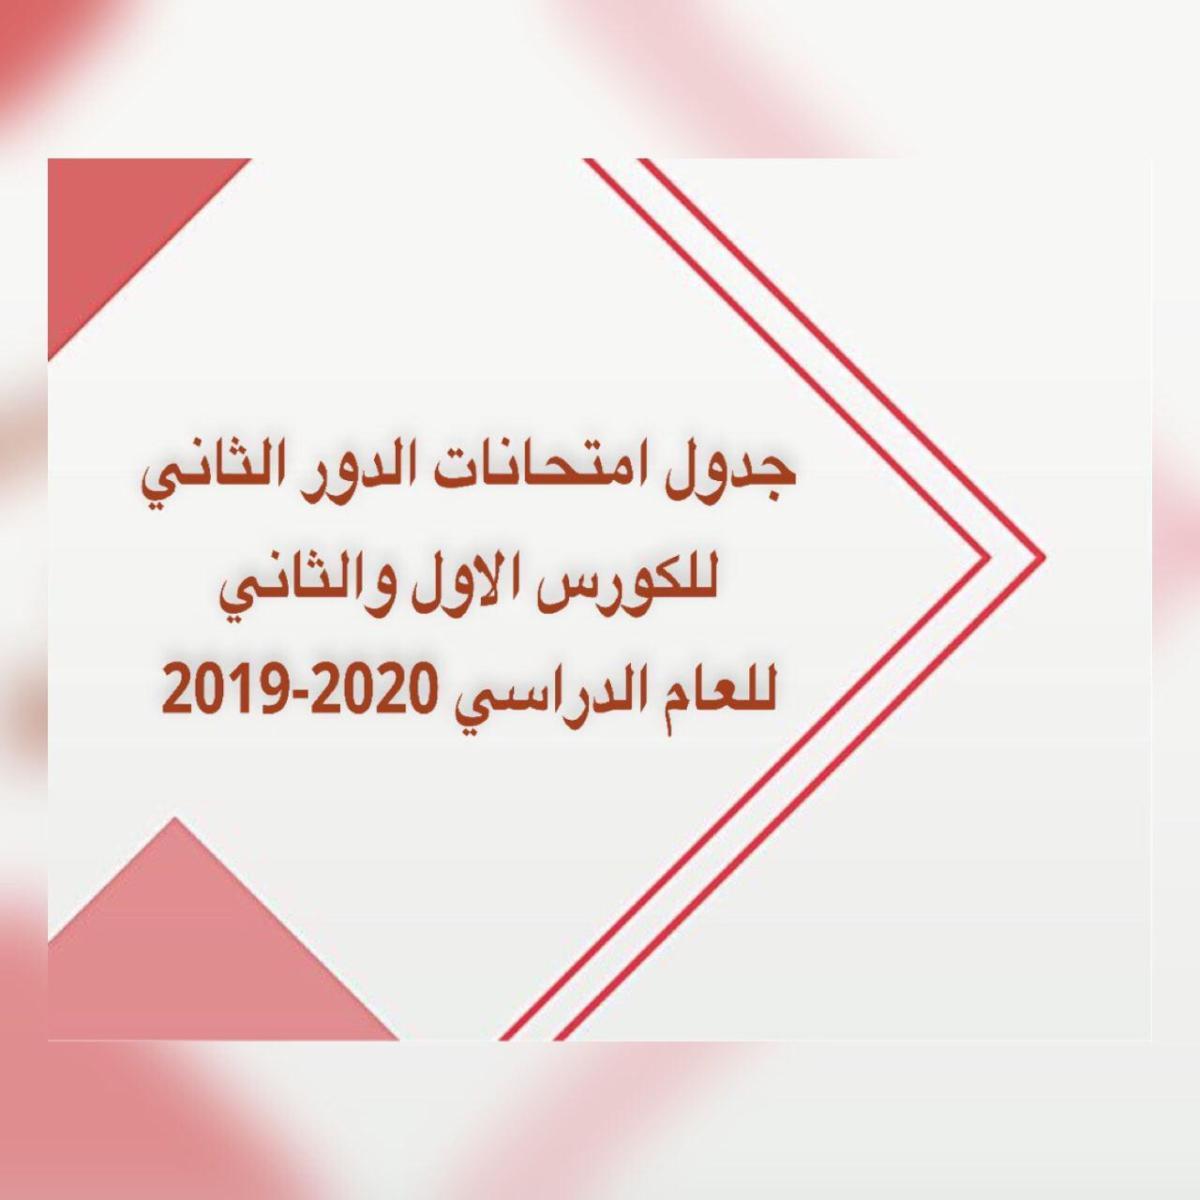 امتحان الدور الثاني لطلبة الدراسات الاولية لقسمي المحاسبة والعلوم المالية والمصرفية